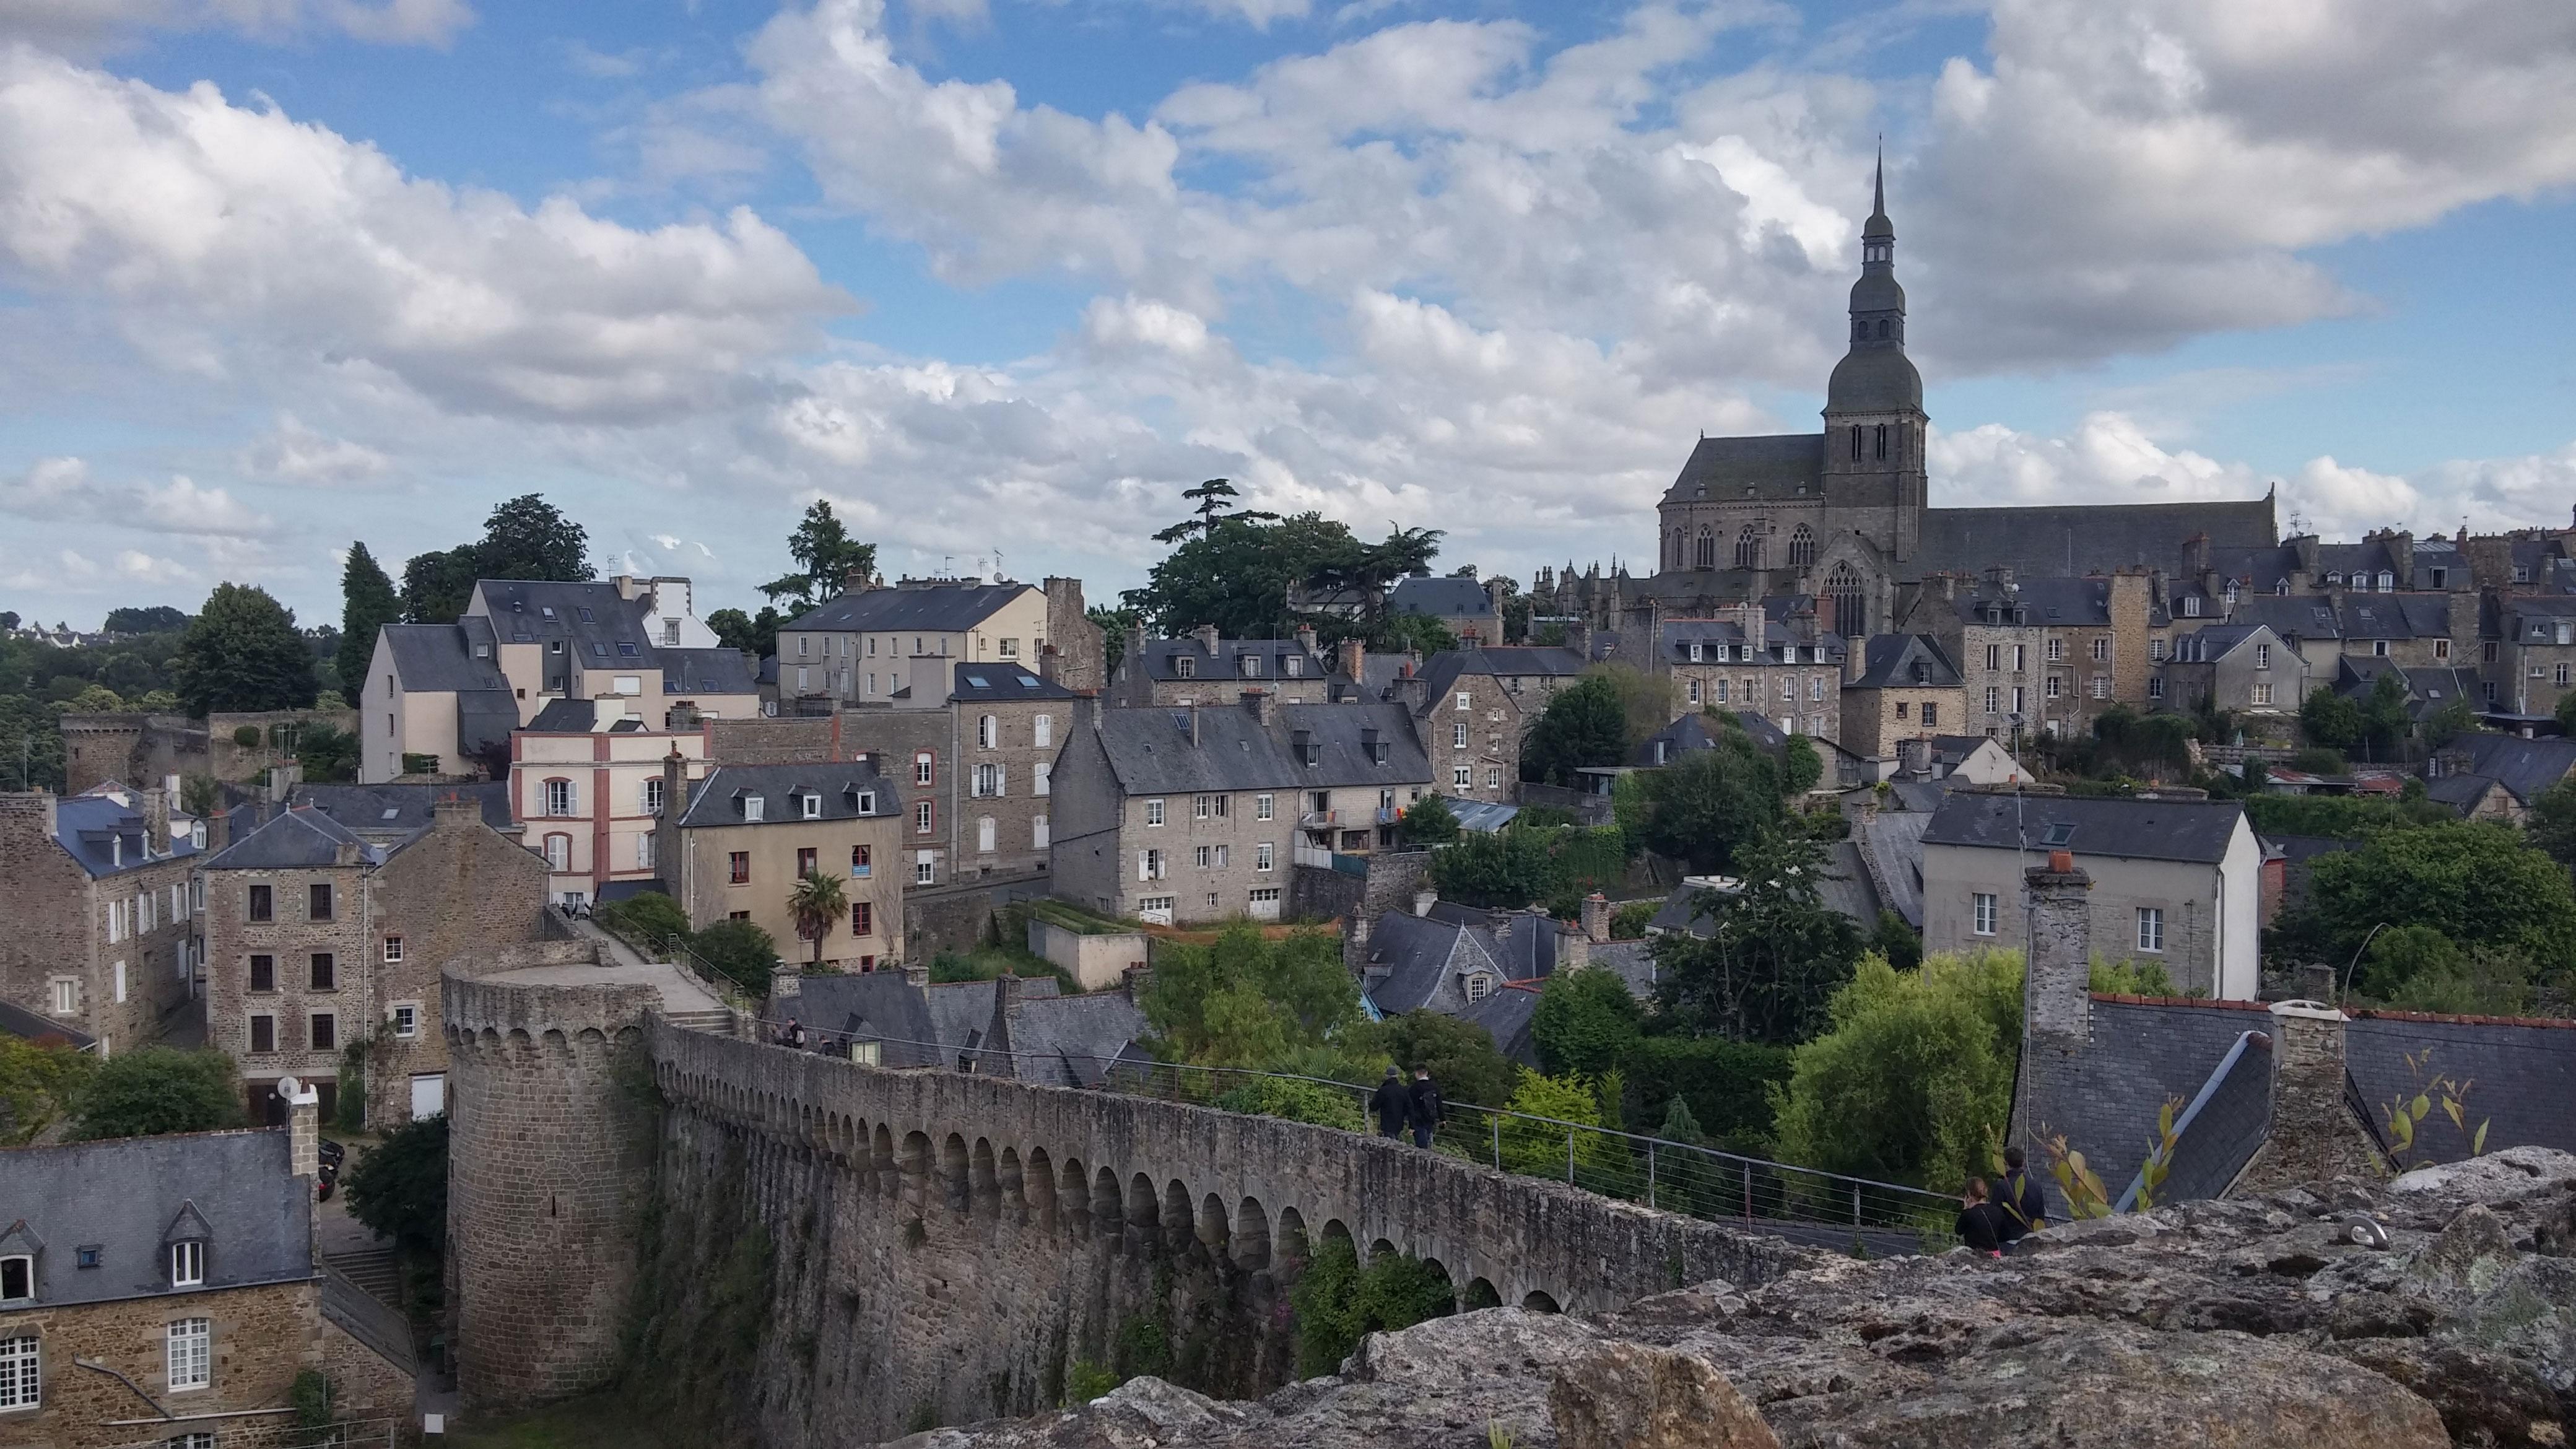 Cité médiévale de Dinan